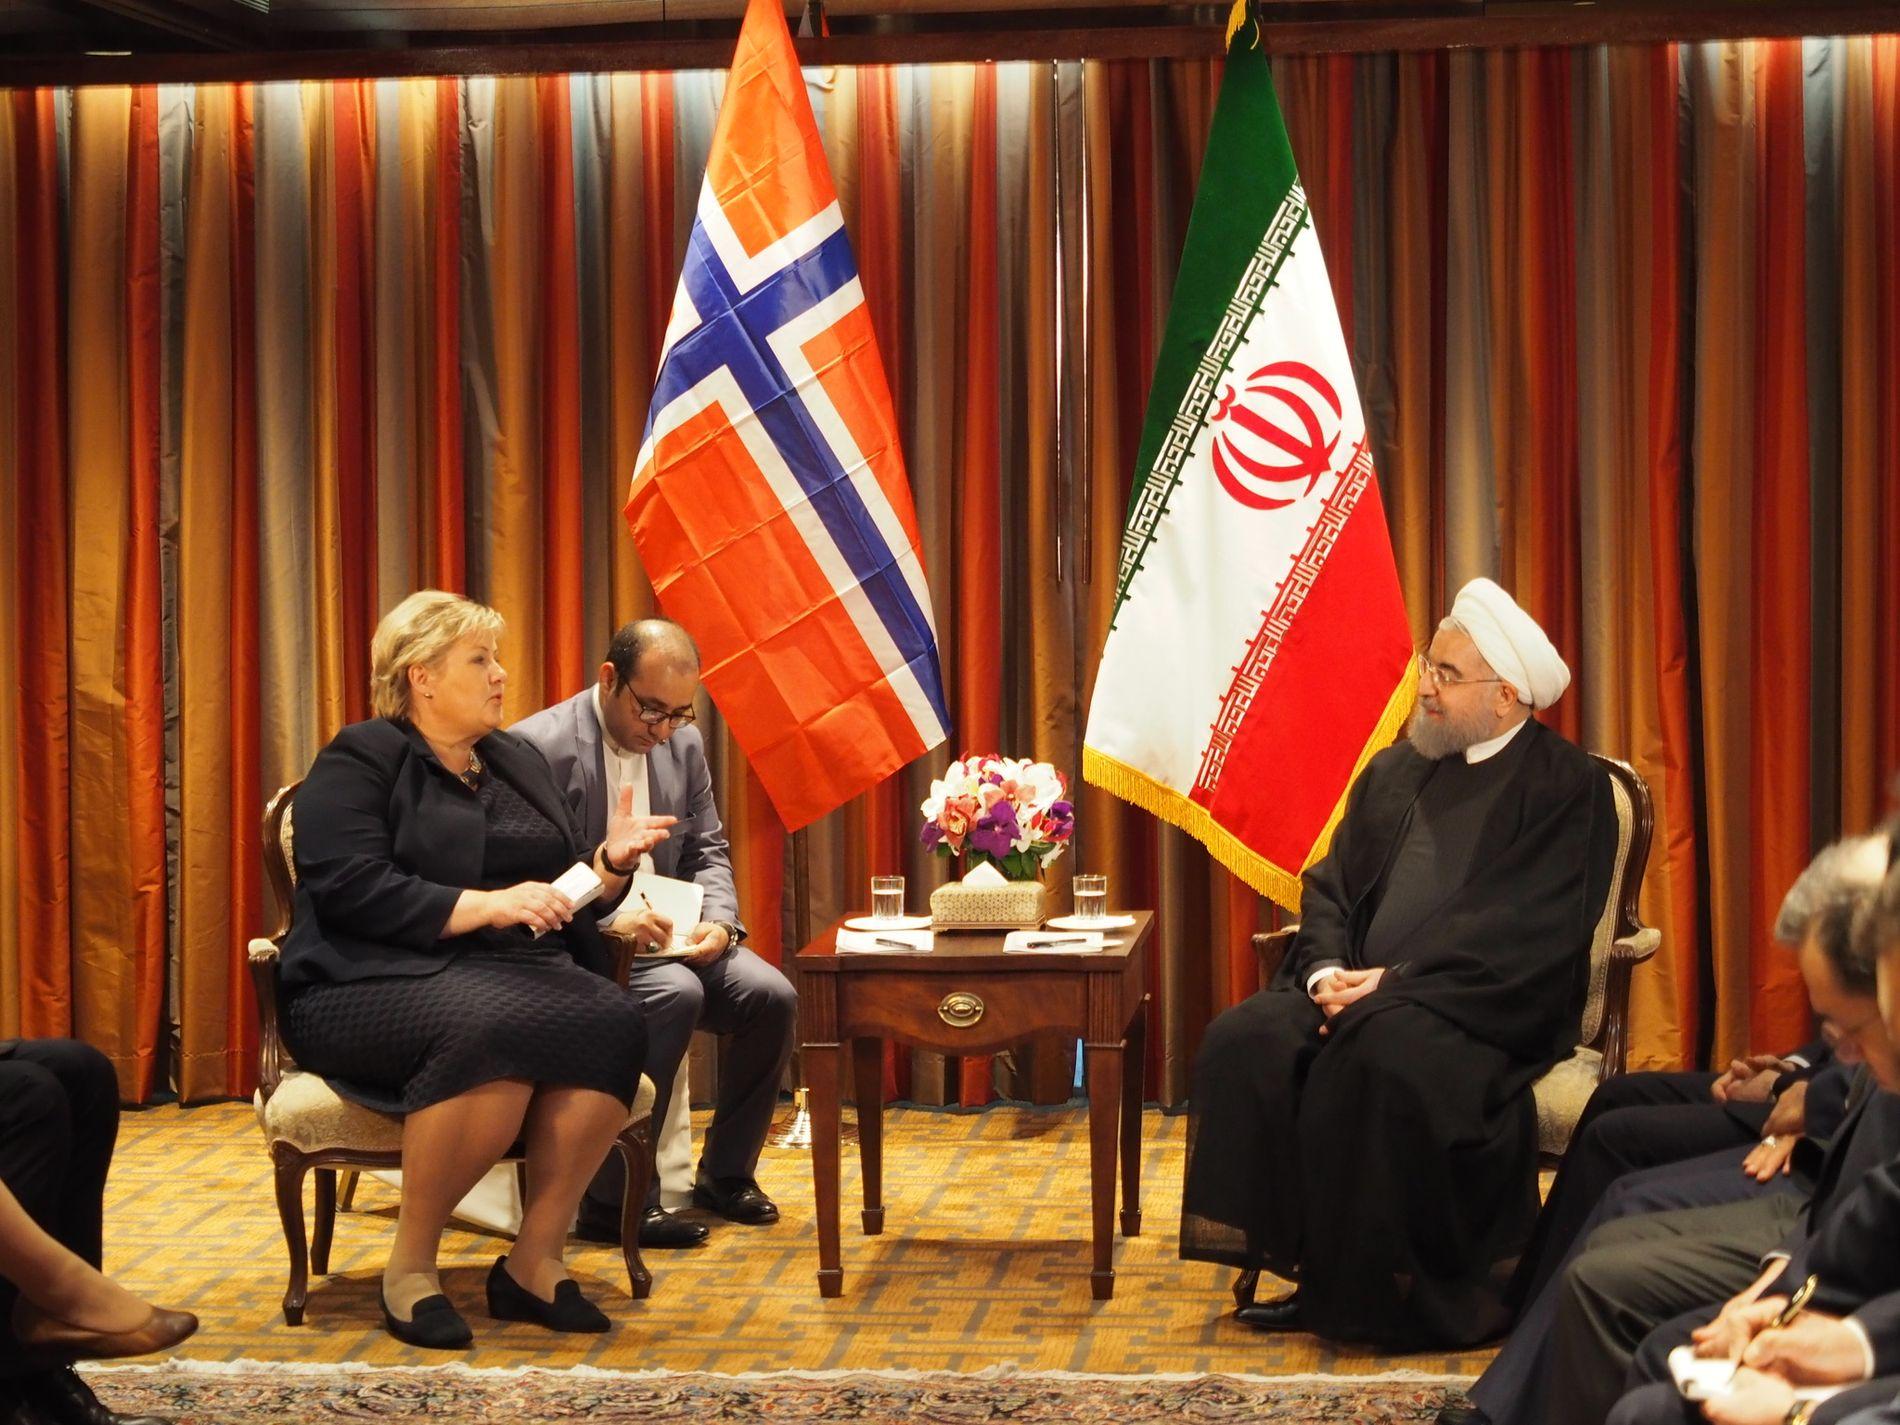 MØTTE IRANS PRESIDENT: Erna Solberg i samtaler med Irans president Hassan Rouhani i FN tirsdag kveld, etter at Donald Trump refset Iran.